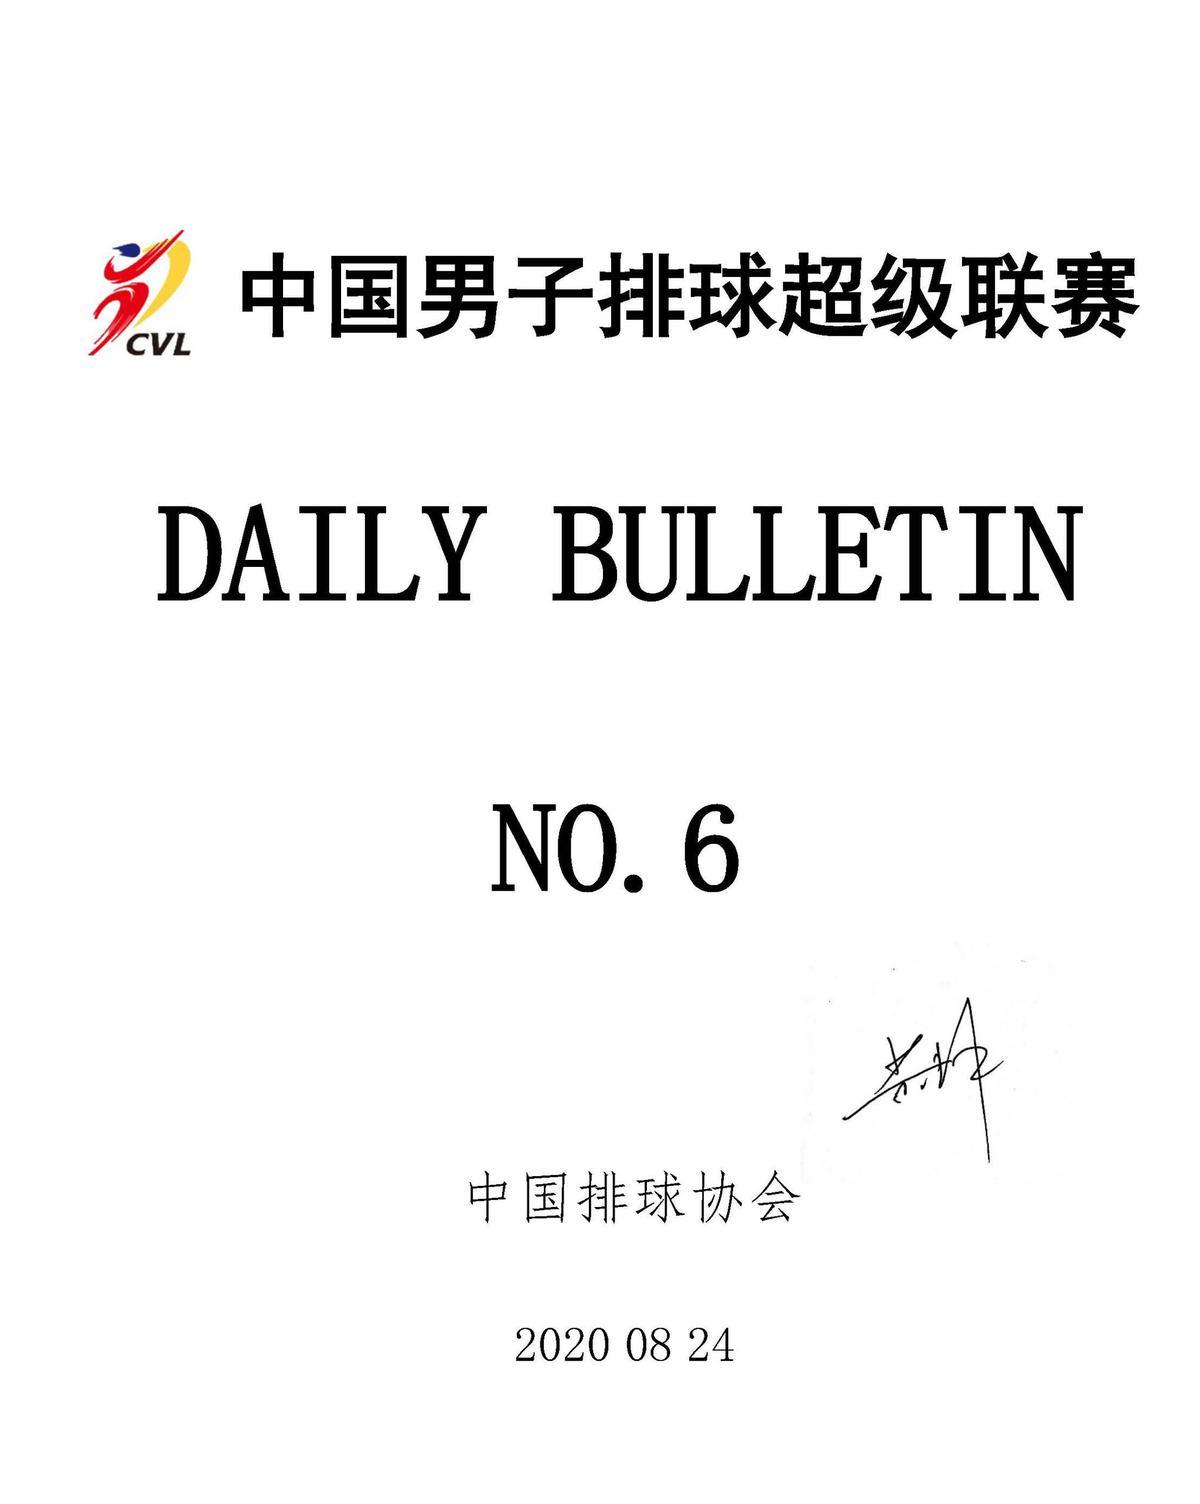 男排超级联赛6号公报:上海山东稳居八强各组榜首